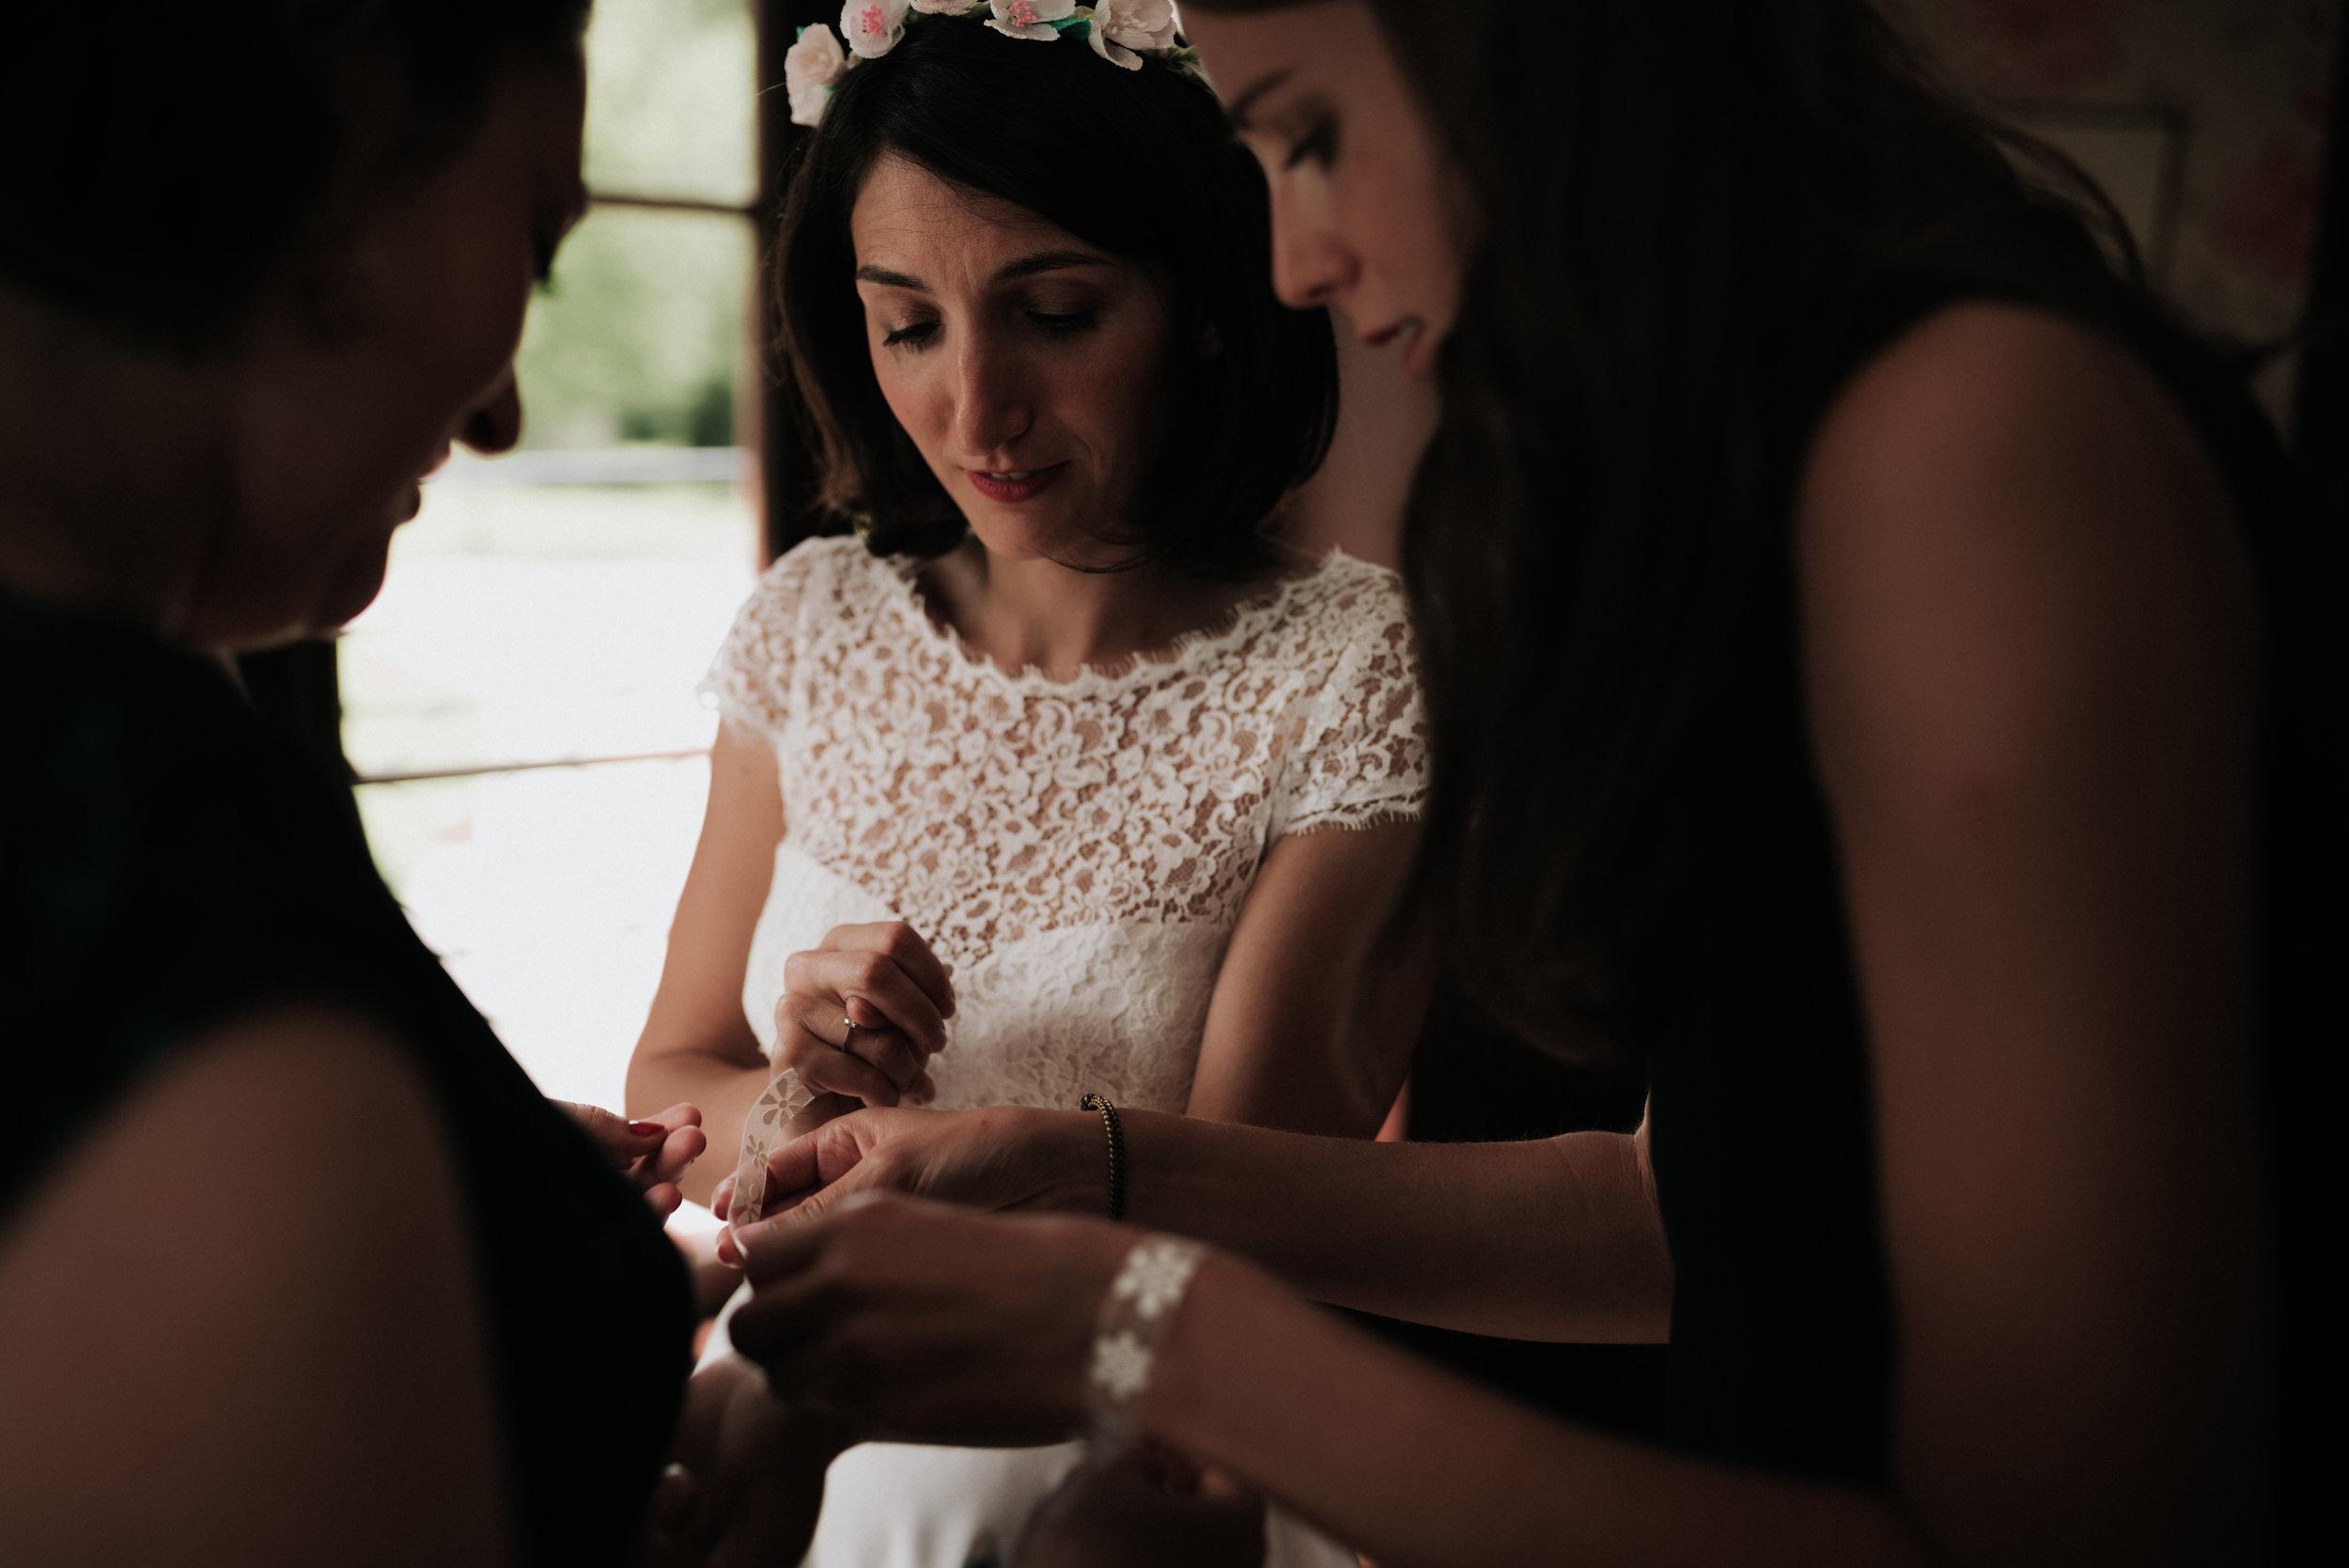 Léa-Fery-photographe-professionnel-lyon-rhone-alpes-portrait-creation-mariage-evenement-evenementiel-famille-2-84.jpg